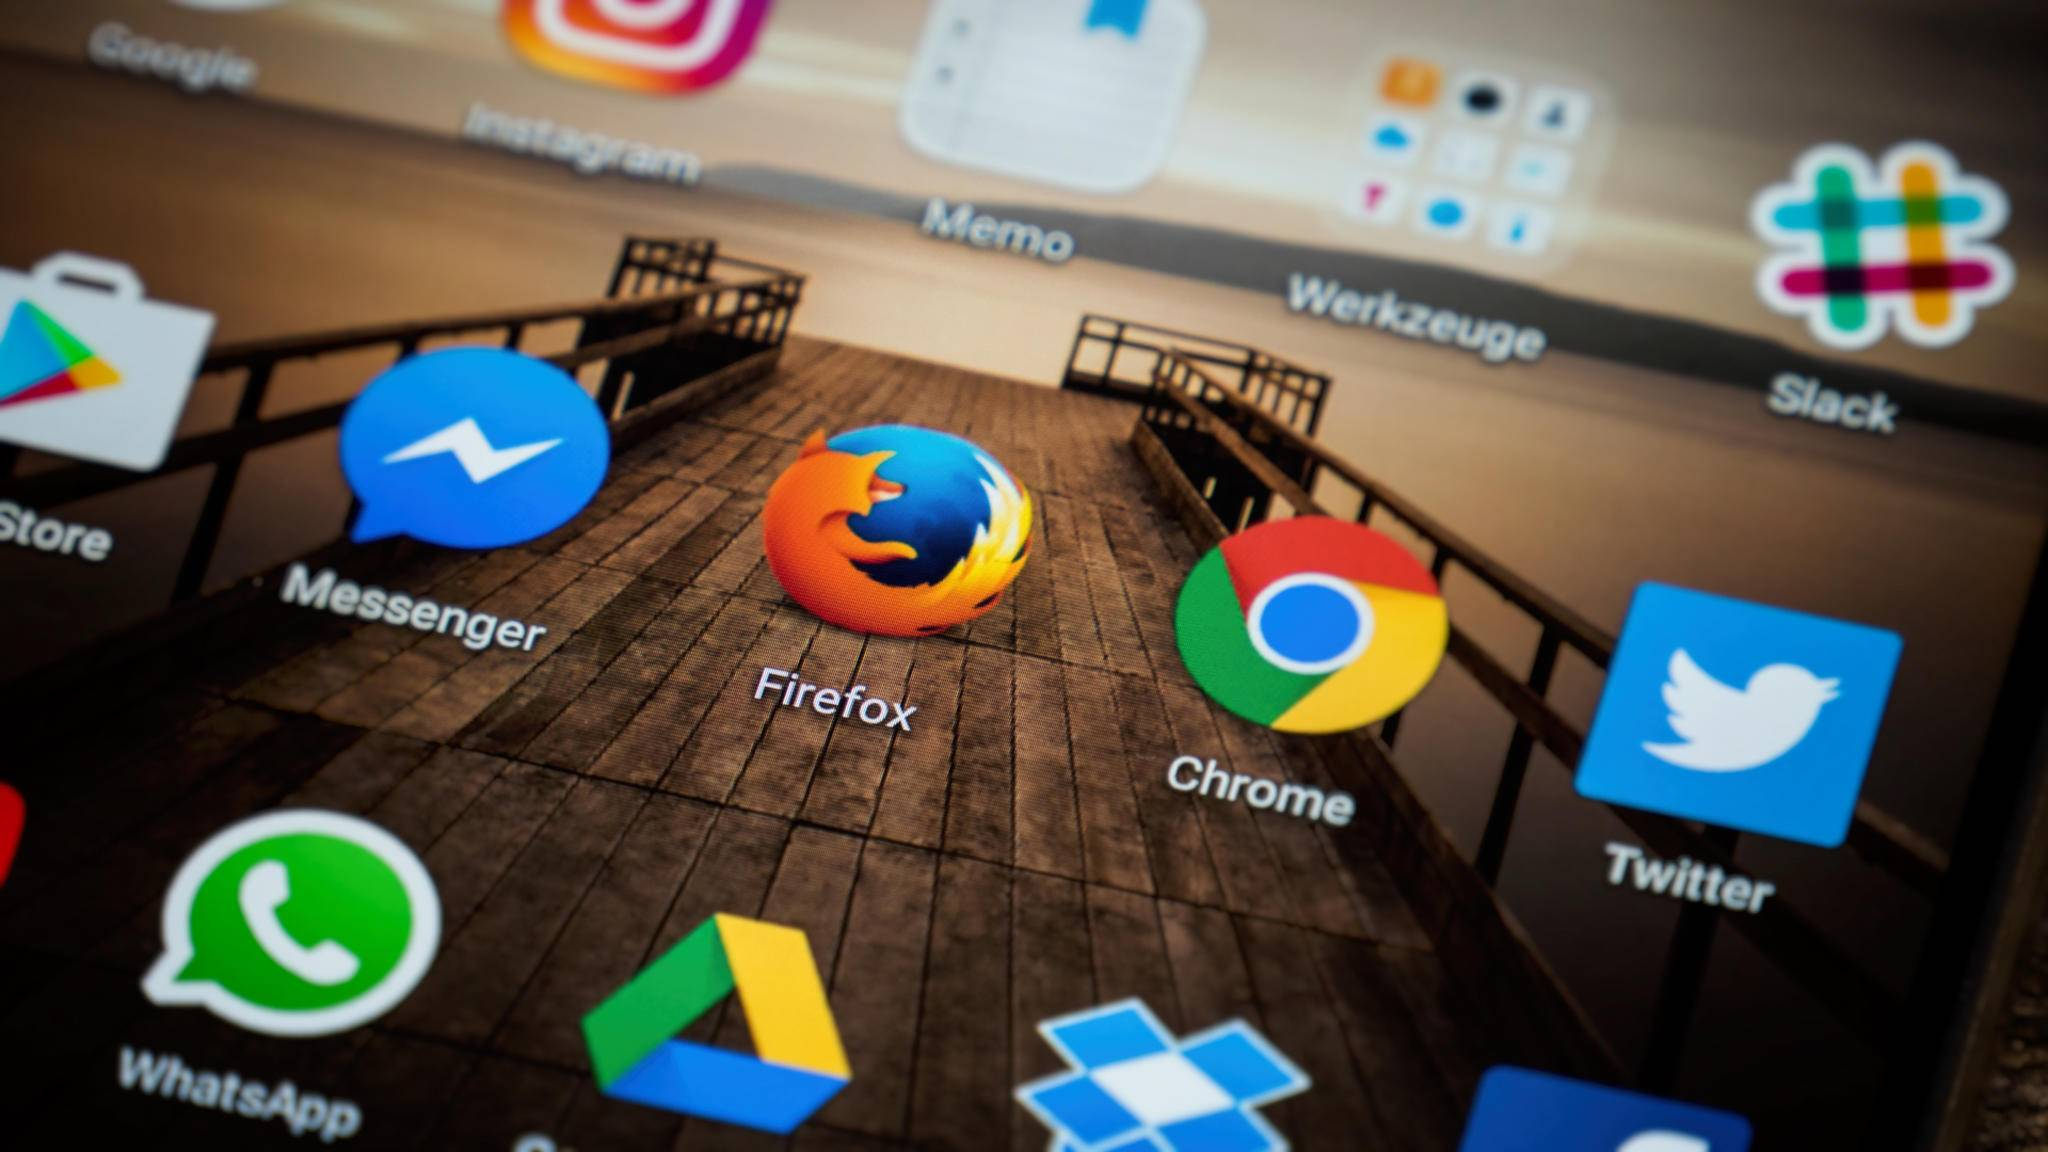 Für Android-Geräte gibt es eine große Auswahl an Webbrowsern.